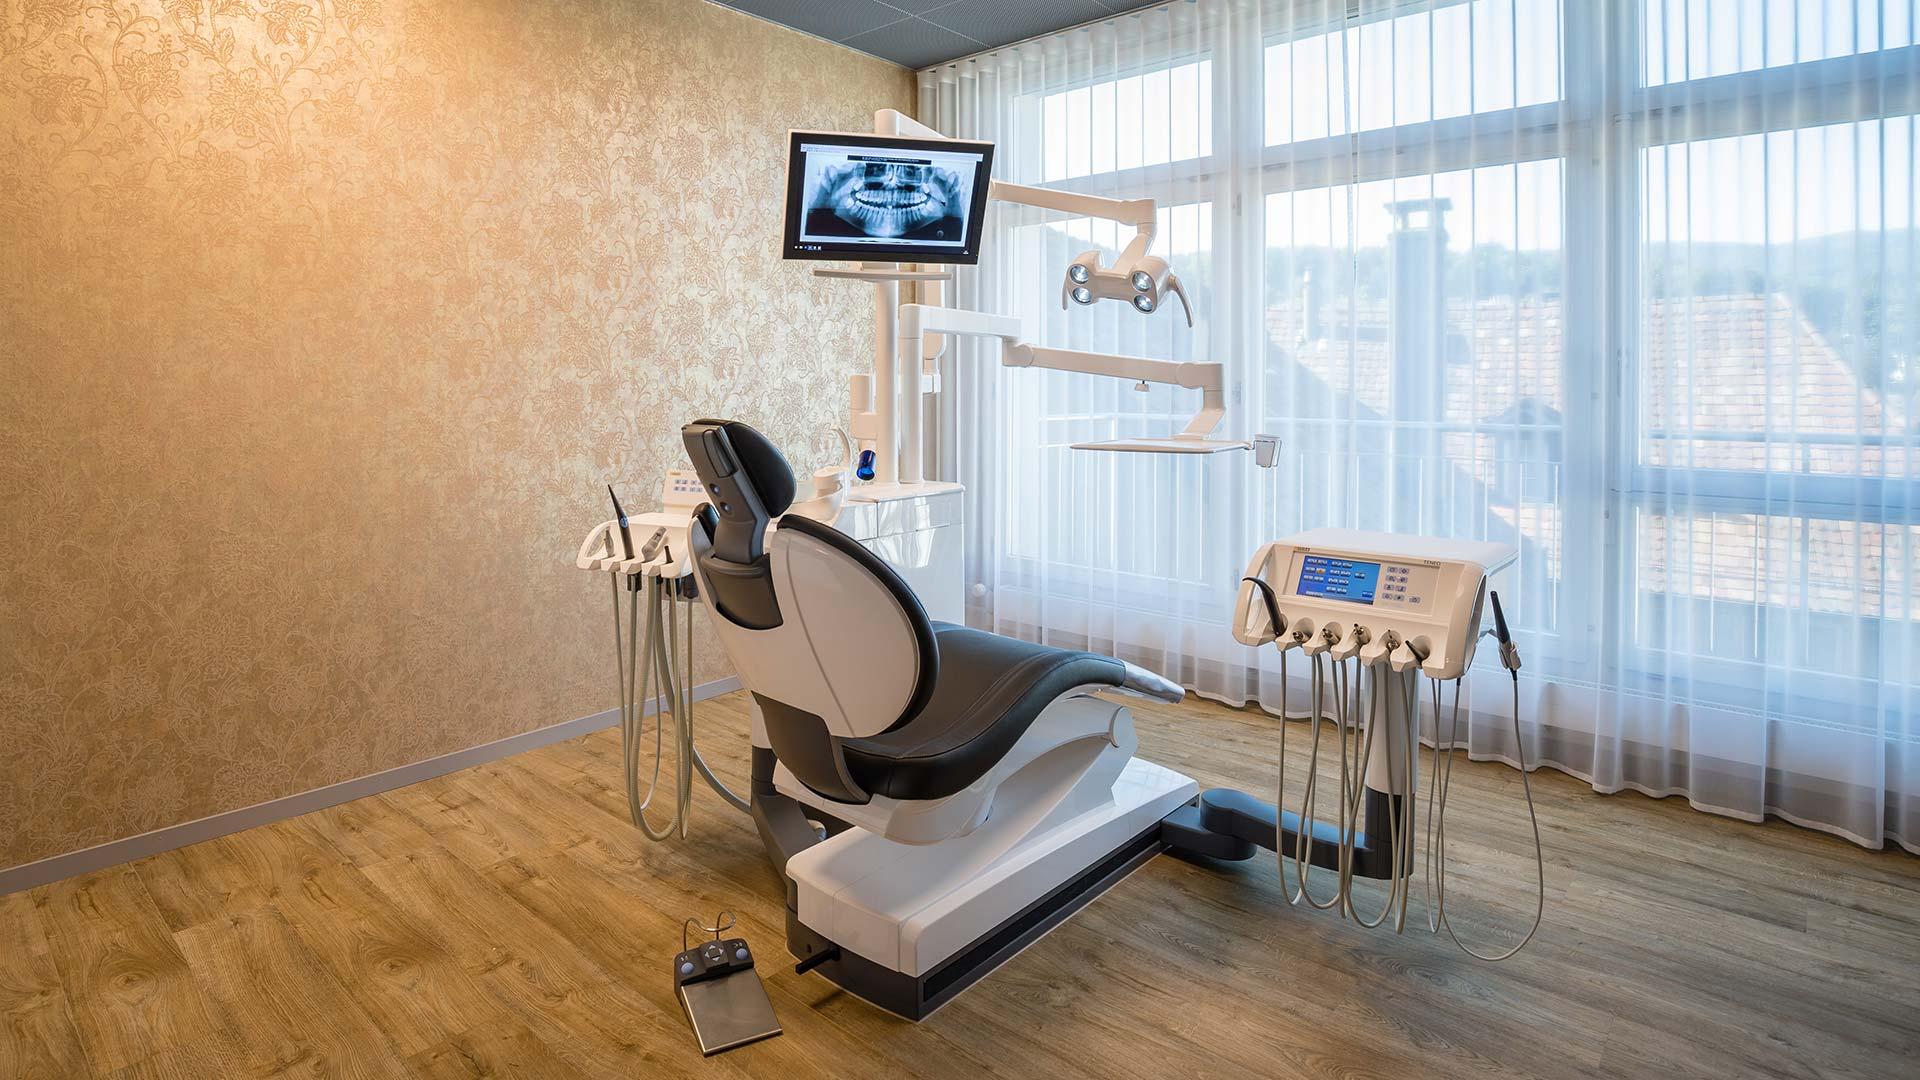 Heierle Oertig Zahnarztpraxis Behandlungszimmer Mitte